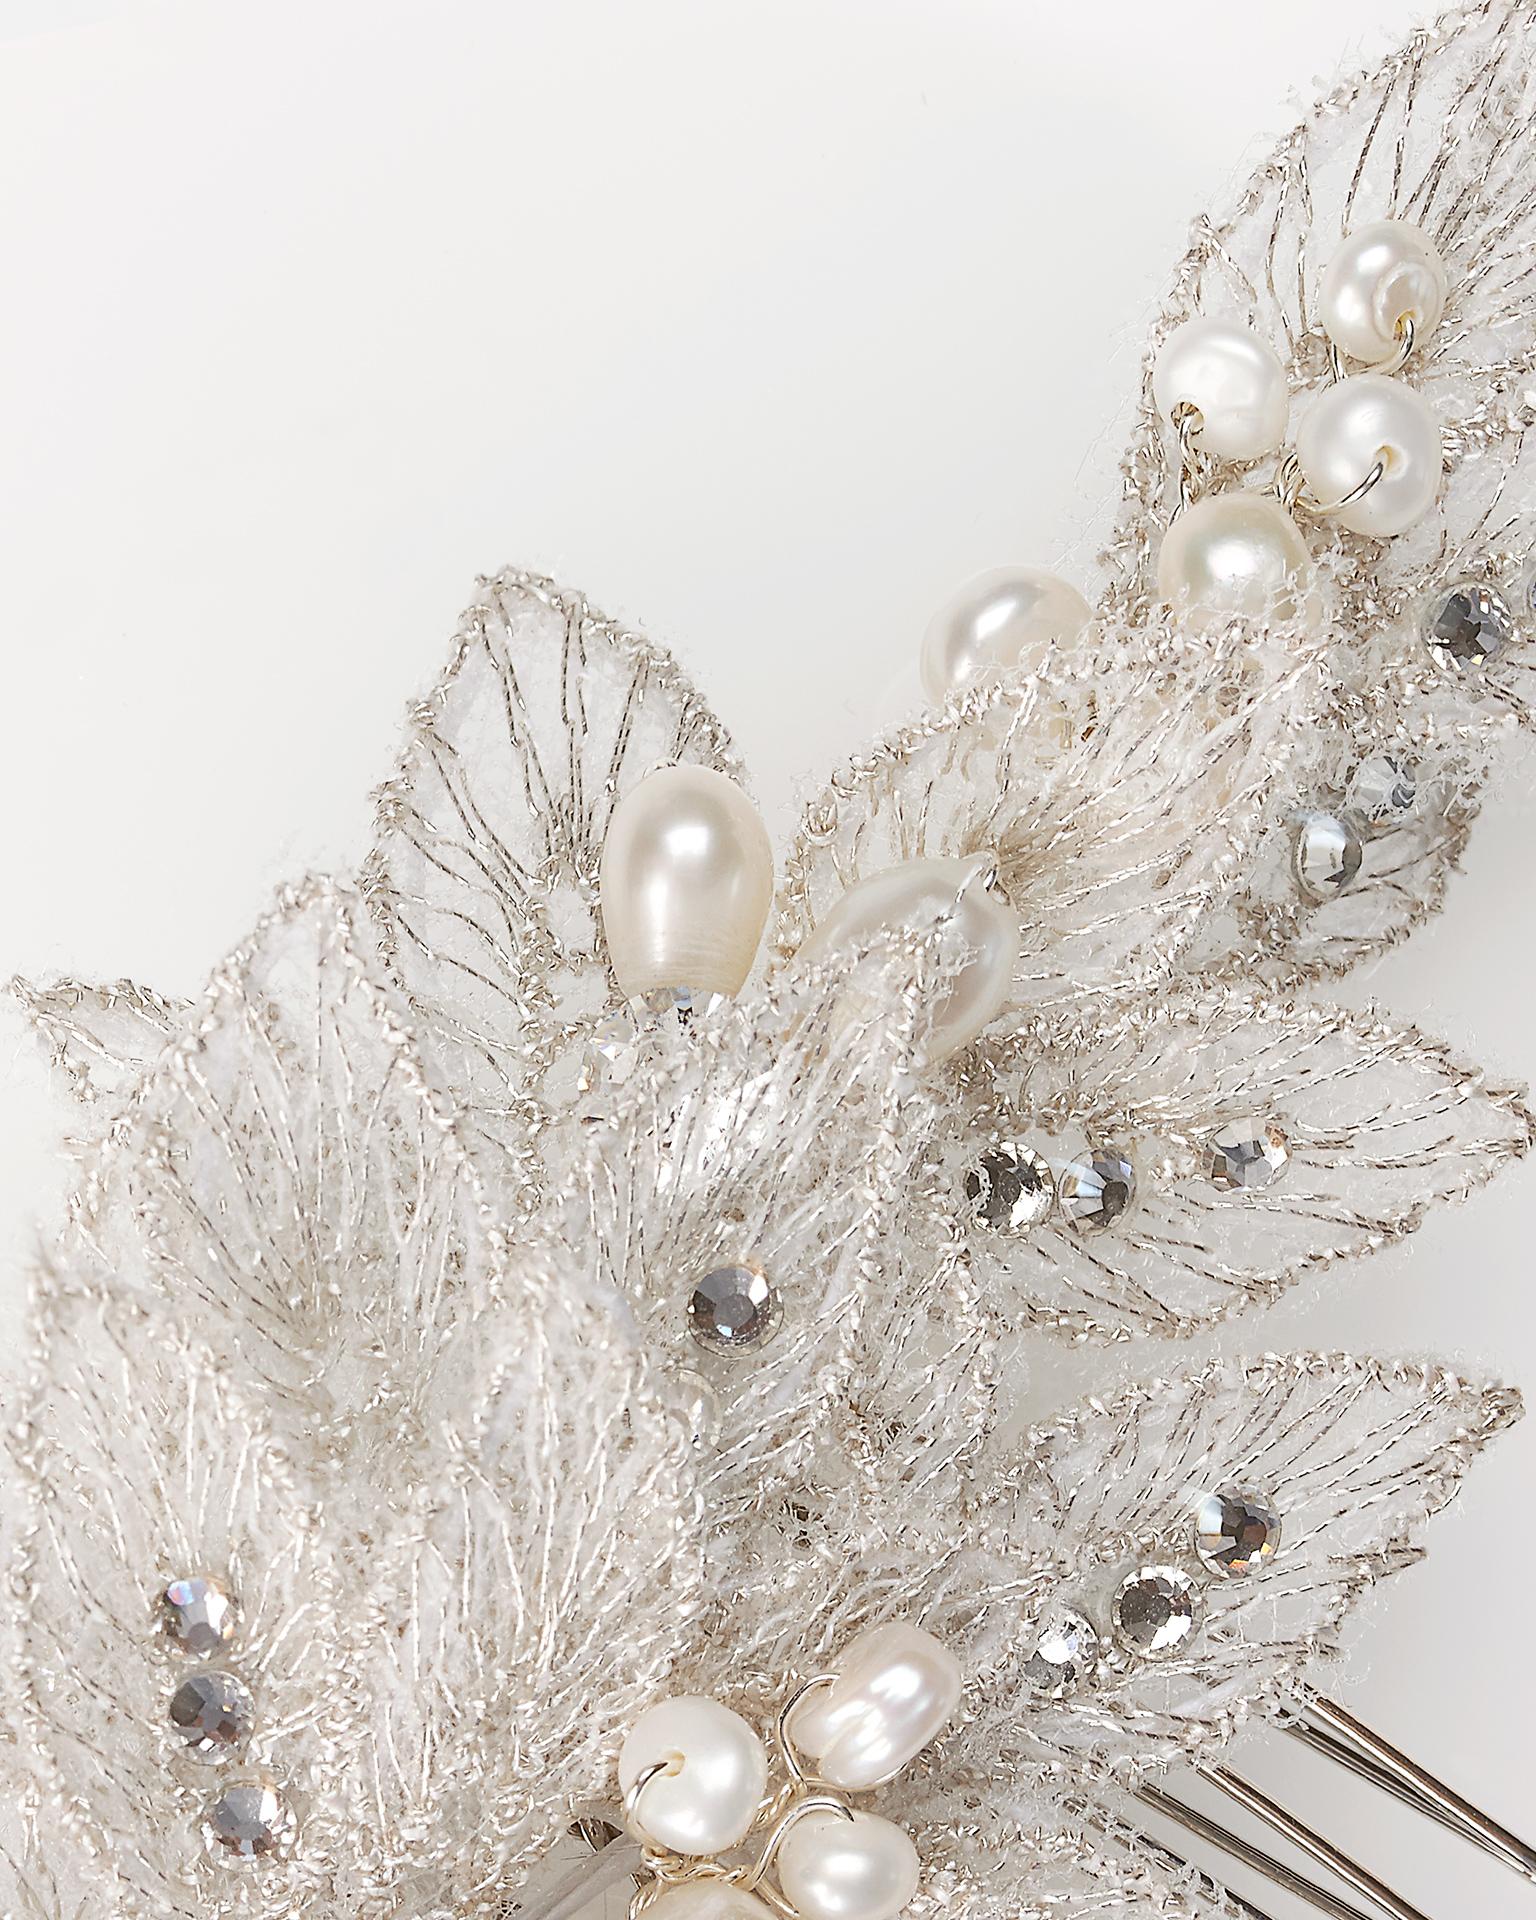 银色/米白色蕾丝和水晶新娘插梳套装(2 套)。  新品系列 2018.